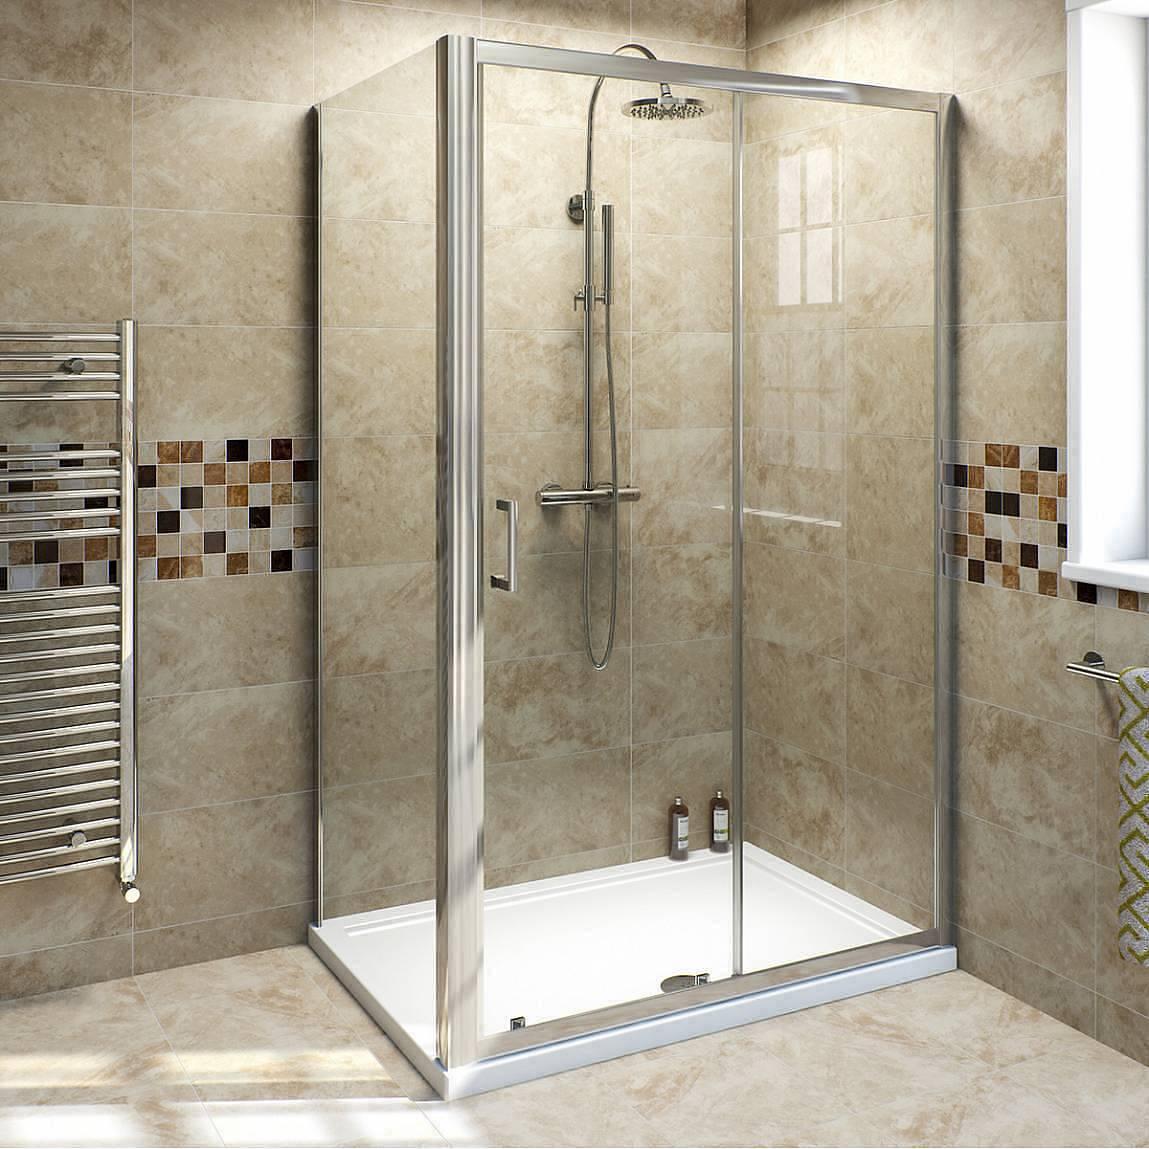 Image of V6 Sliding Shower Enclosure 1200 x 900